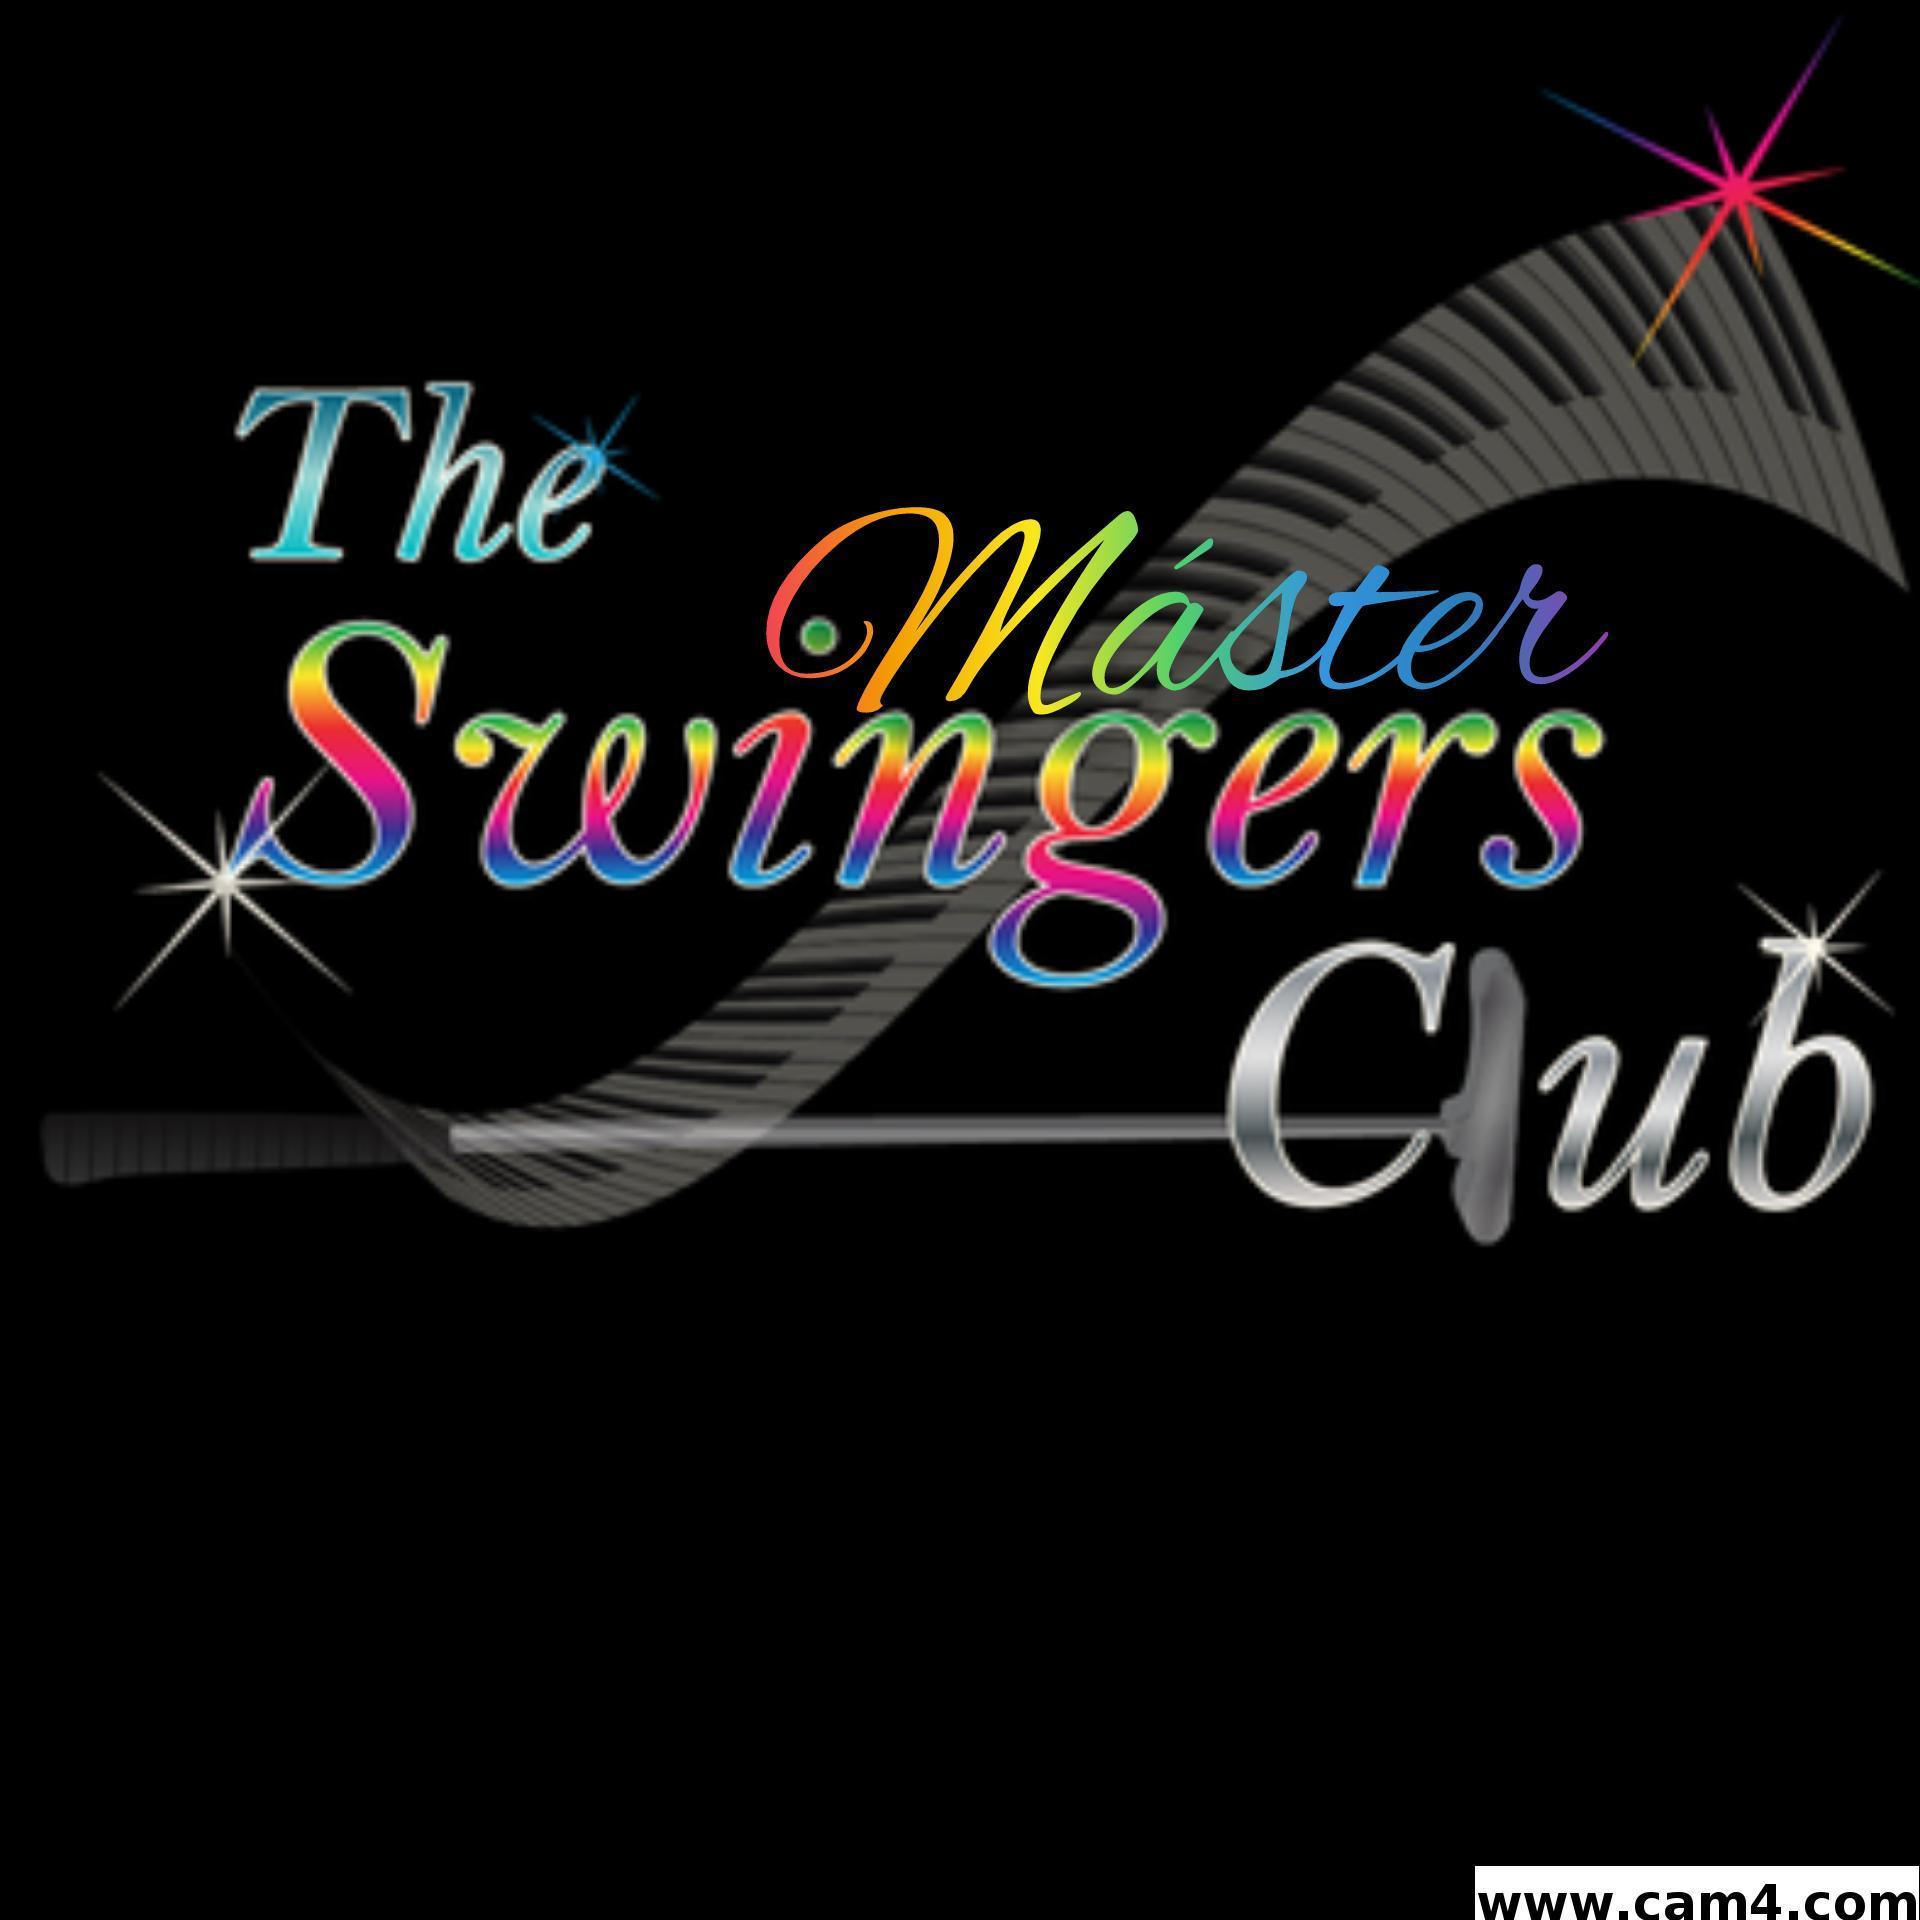 Swingermaster?s=st8fblsbyxm8+xfs49dtd2ppttrsh3d80gpap3val6e=